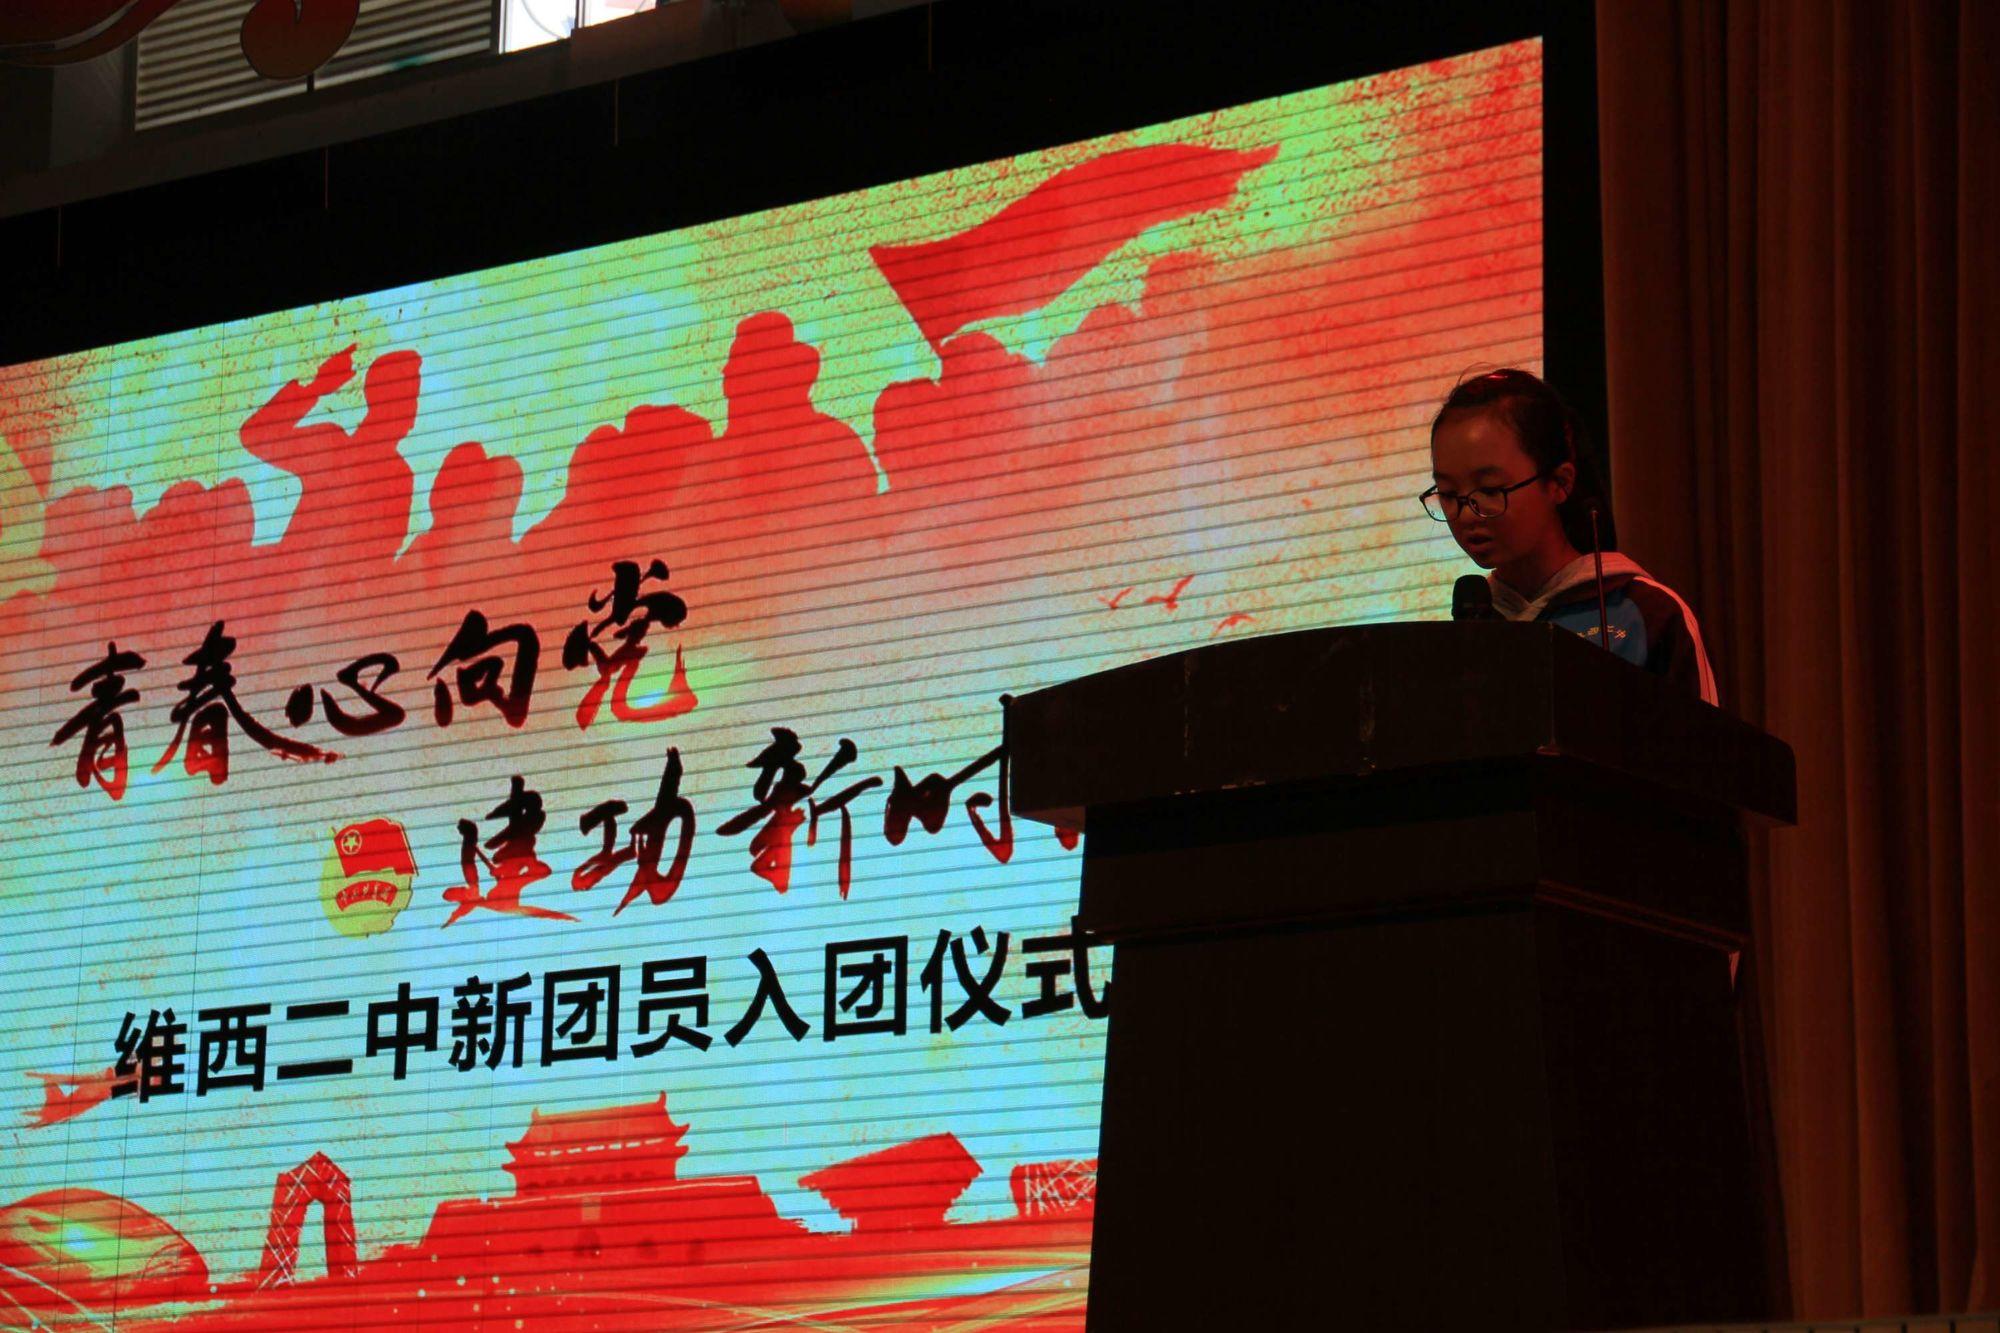 如何操作百度云南省建筑工程师协会的继续教育考试问答